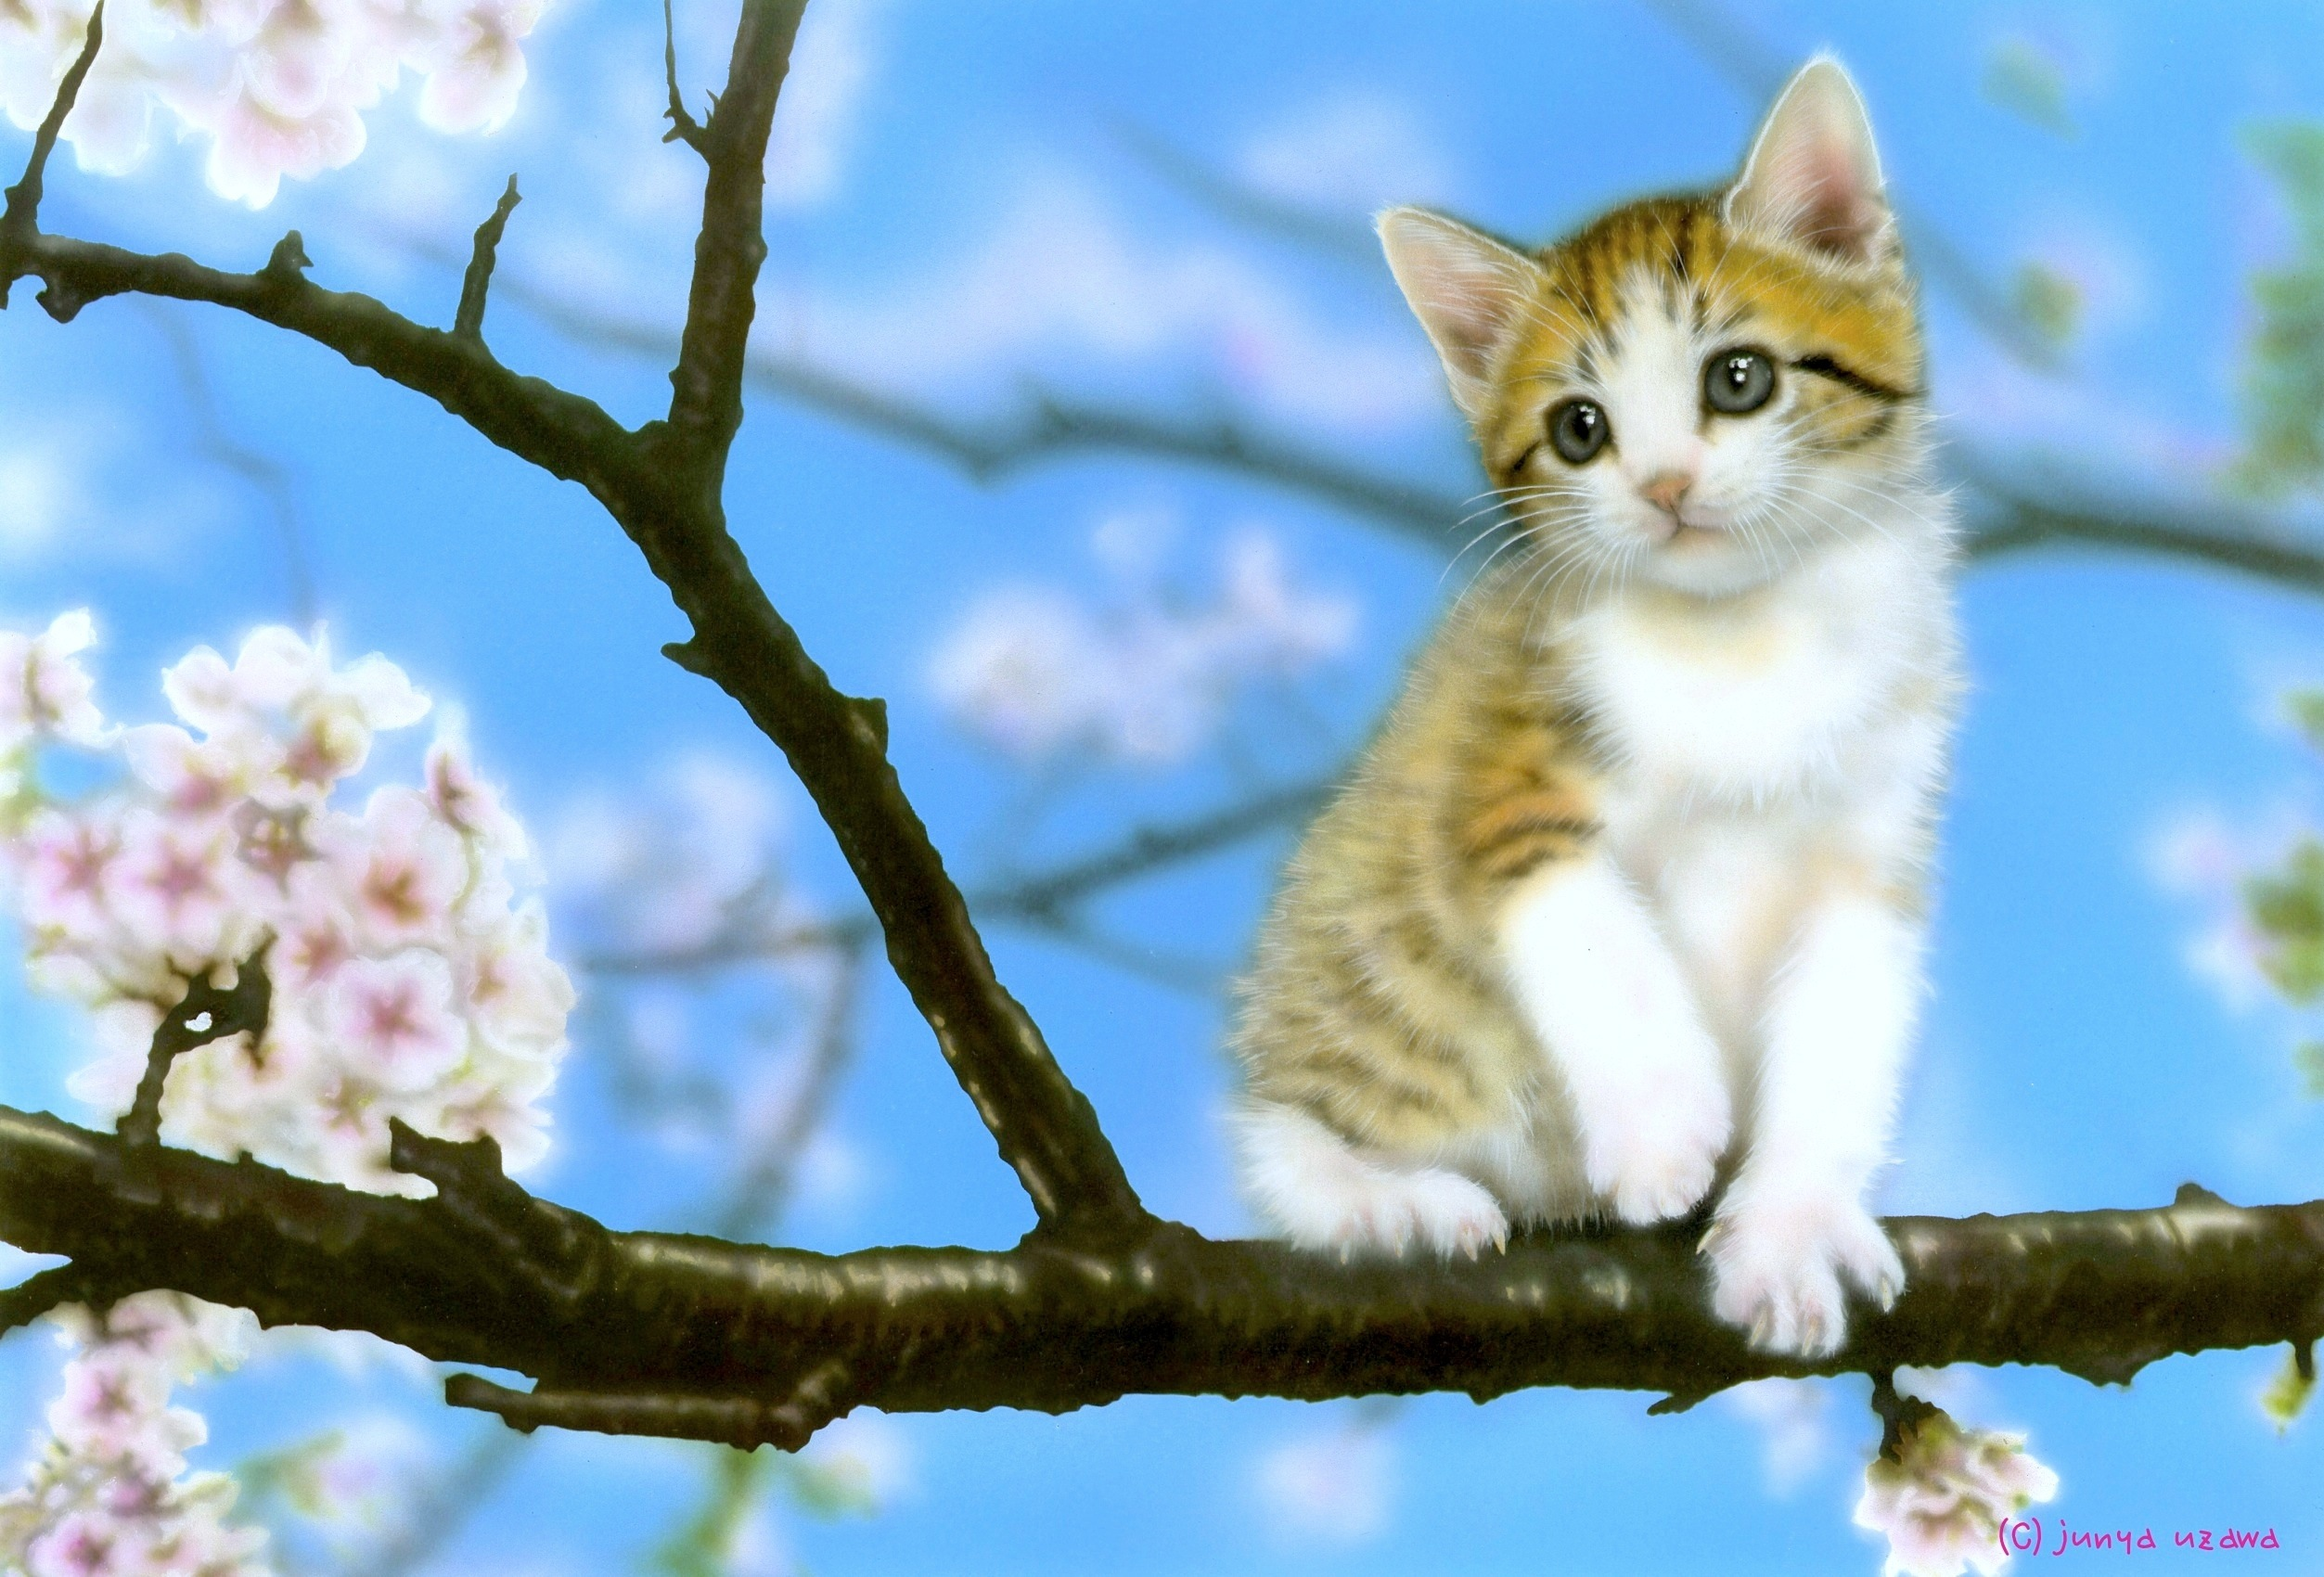 リアリズム絵画/動物の絵(動物イラスト)/子猫の絵/sakura(桜